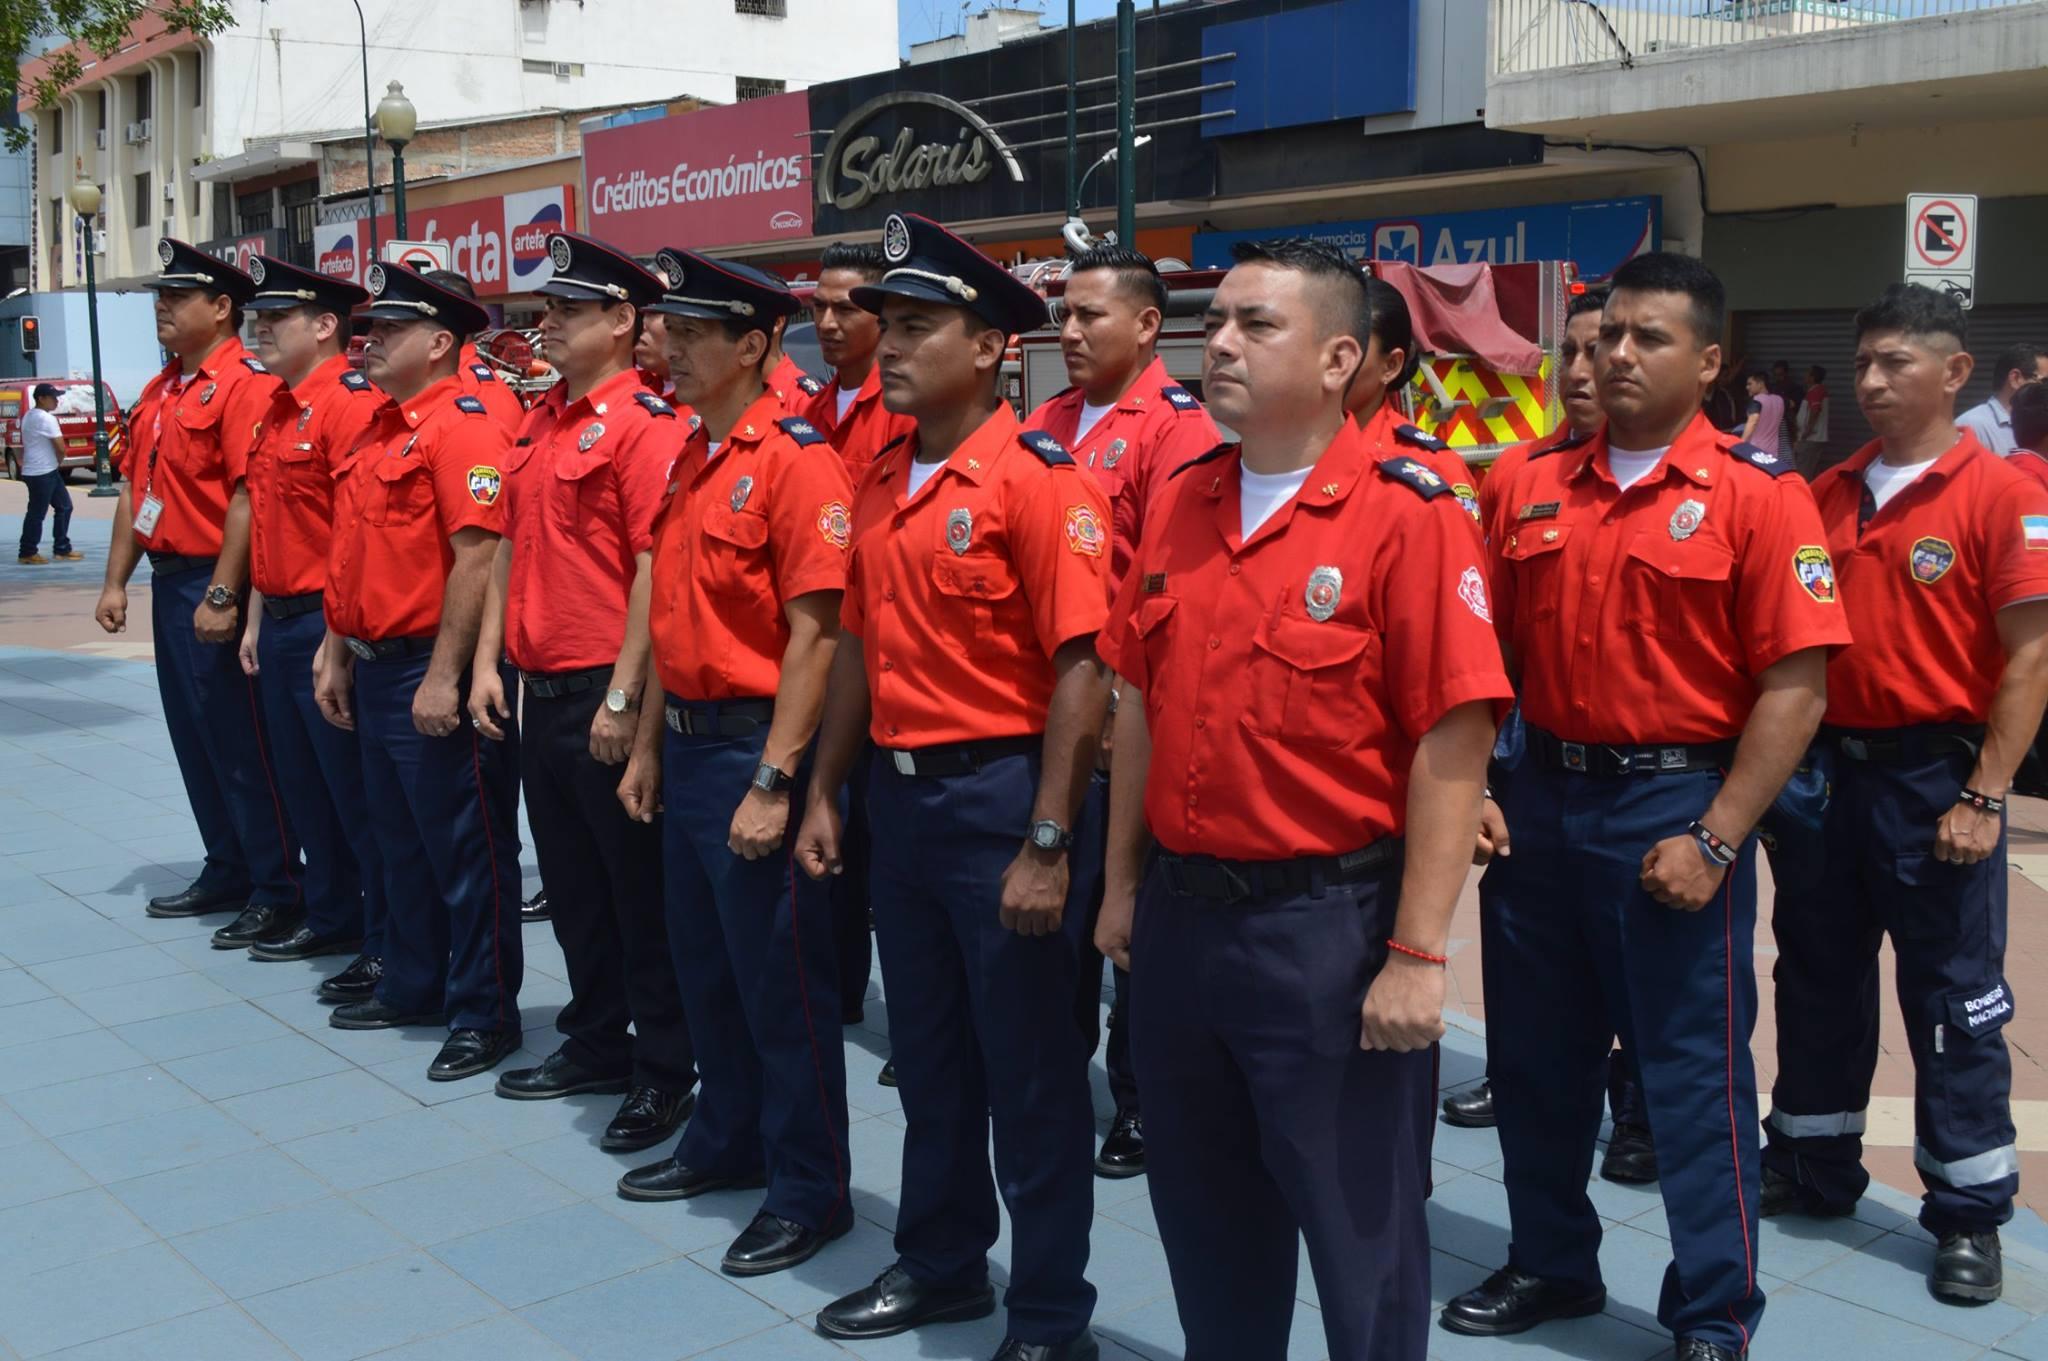 Inicia convocatoria para Curso de aspirantes a bombero voluntario 2021